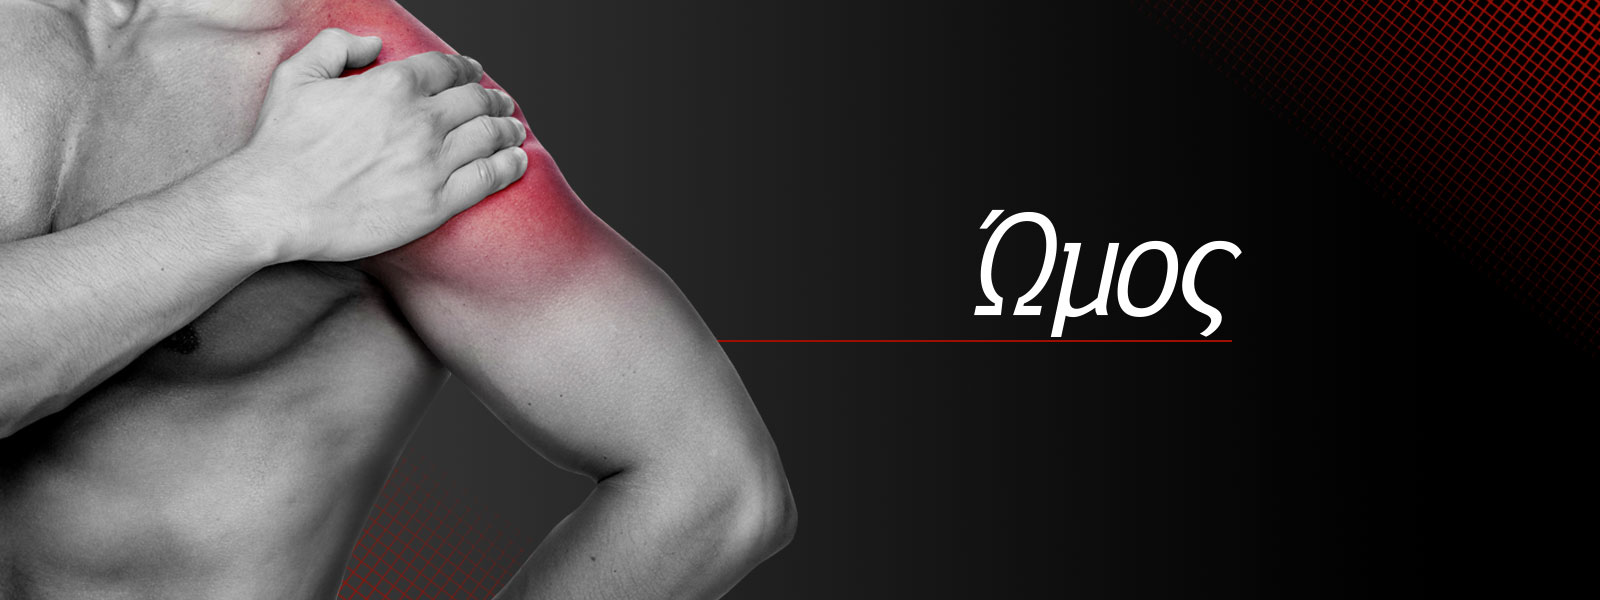 Πόνος στον ώμο - Αναστάσιος Δ. Γεωργούλης - Ορθοπαιδικός..